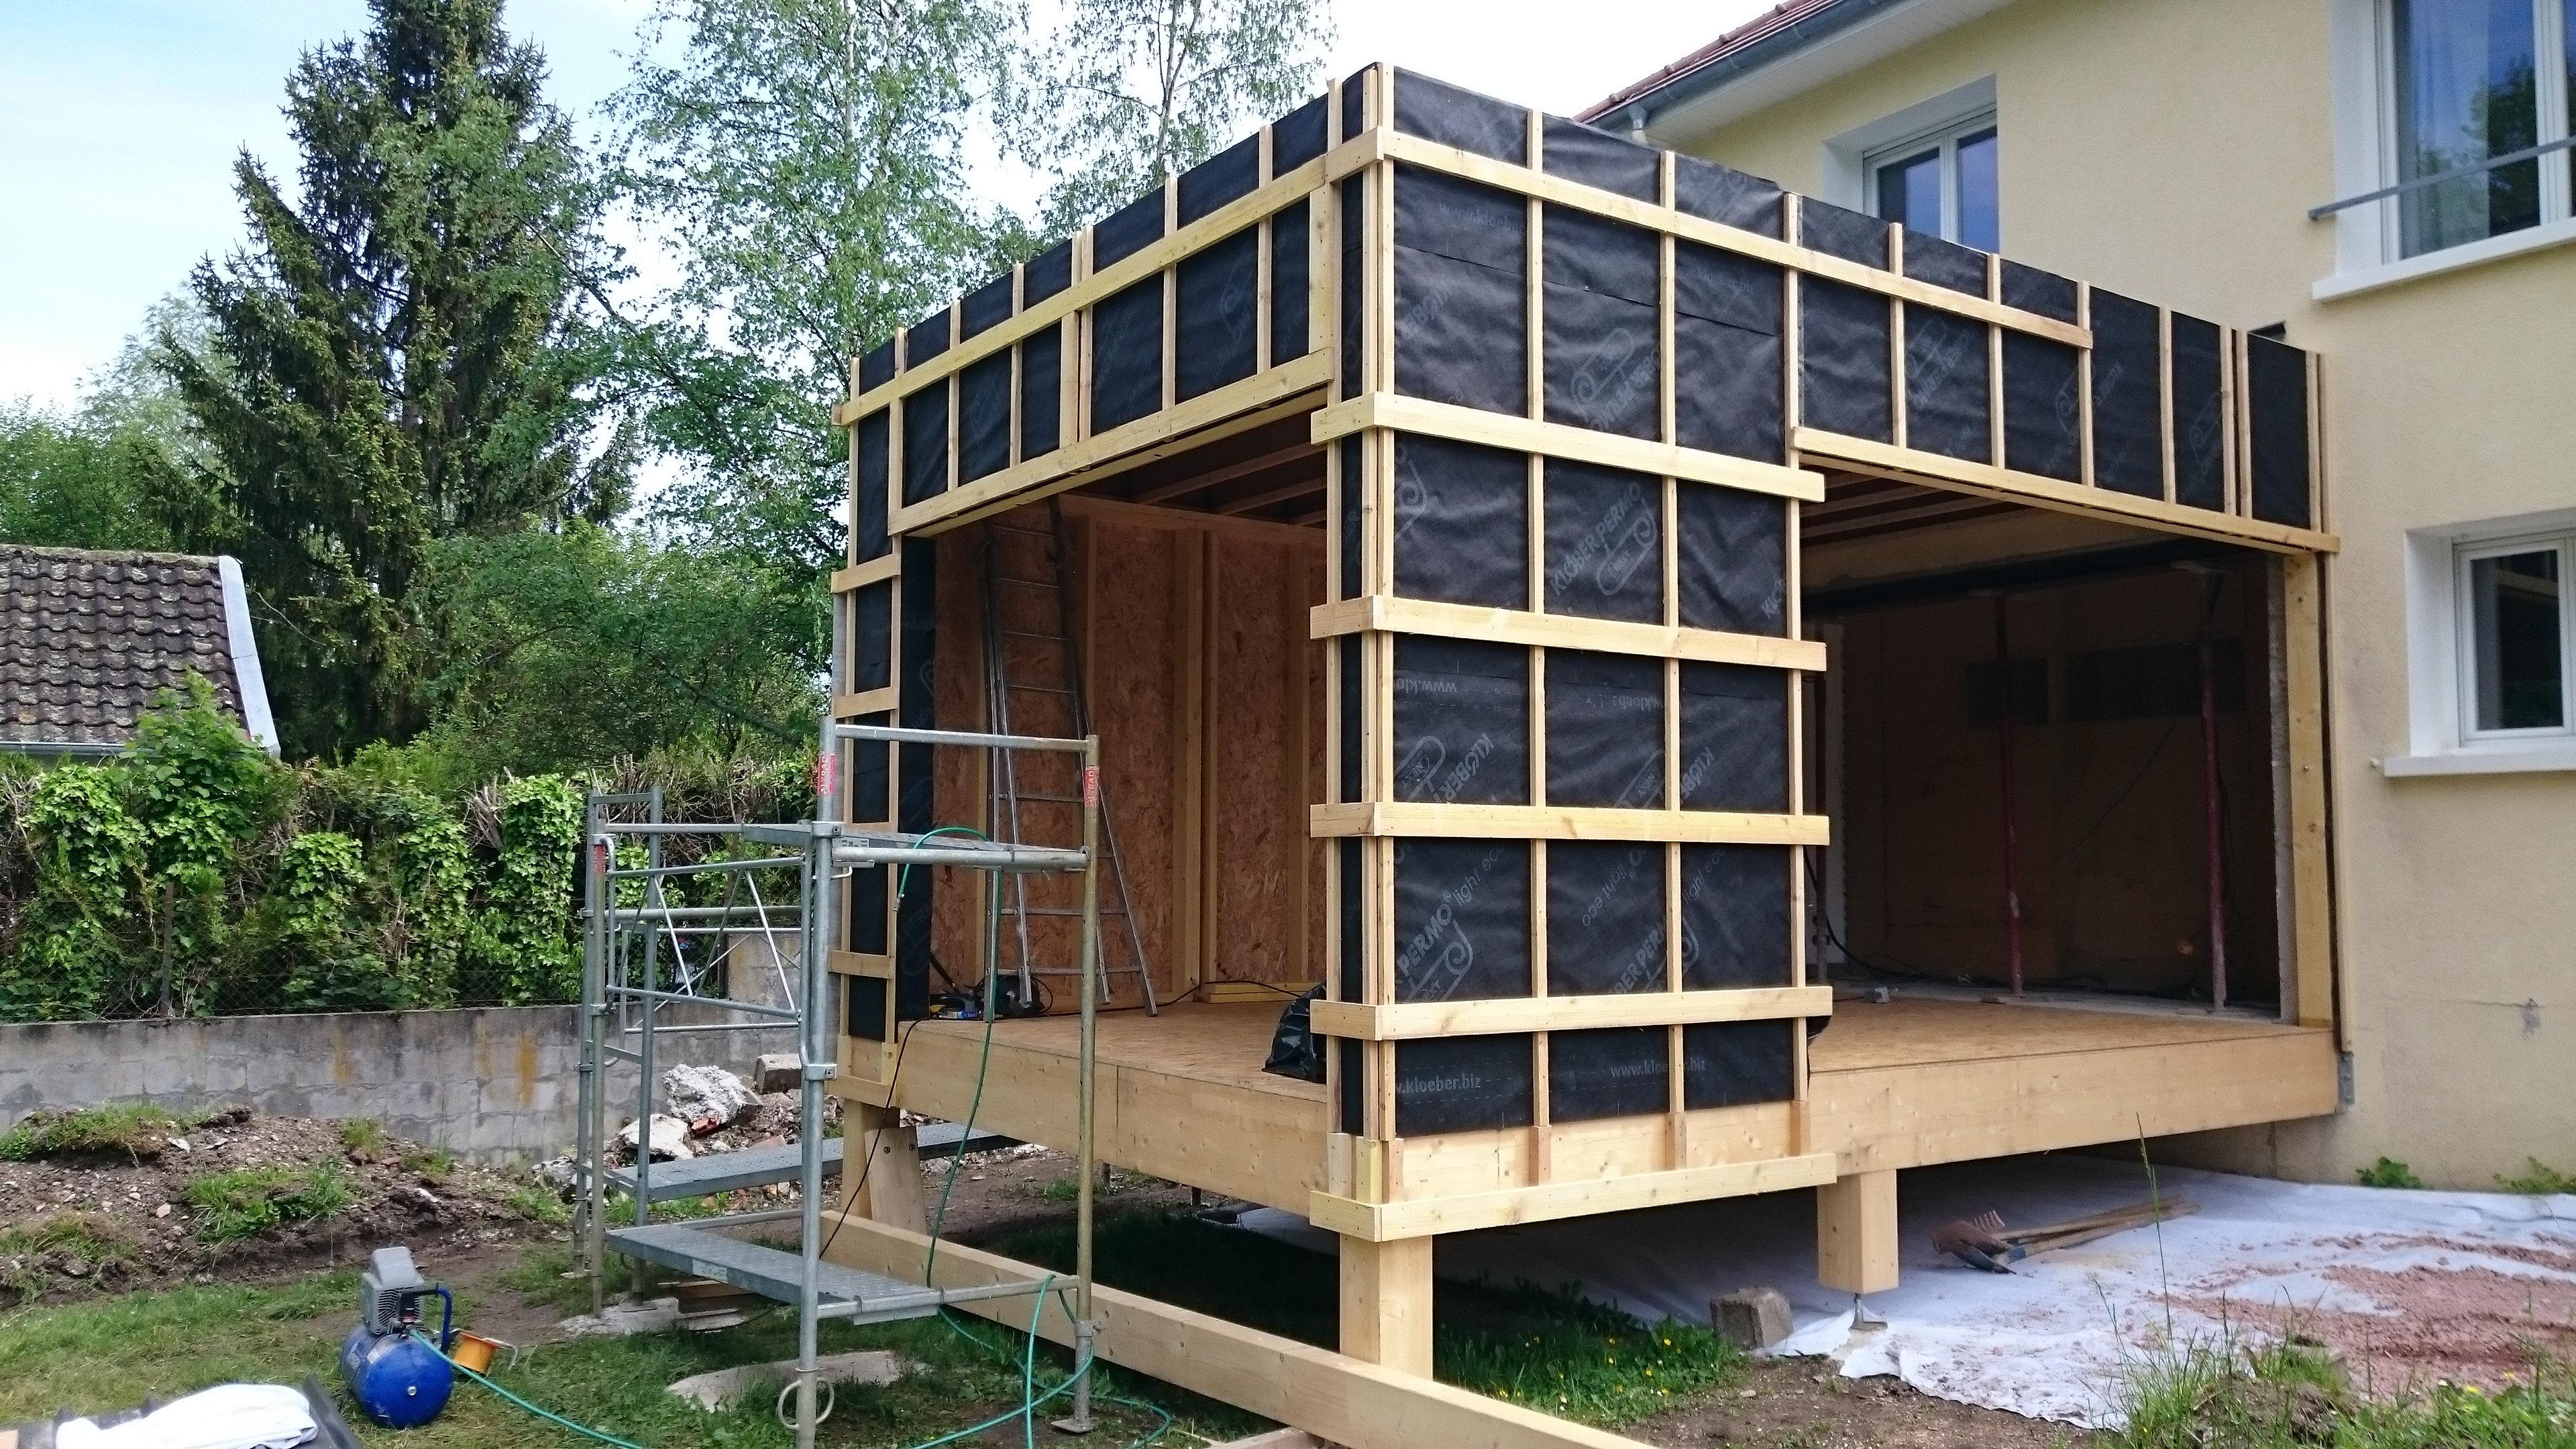 Construction maison bois auvergne ventana blog for Constructeurs de maisons en bois 22